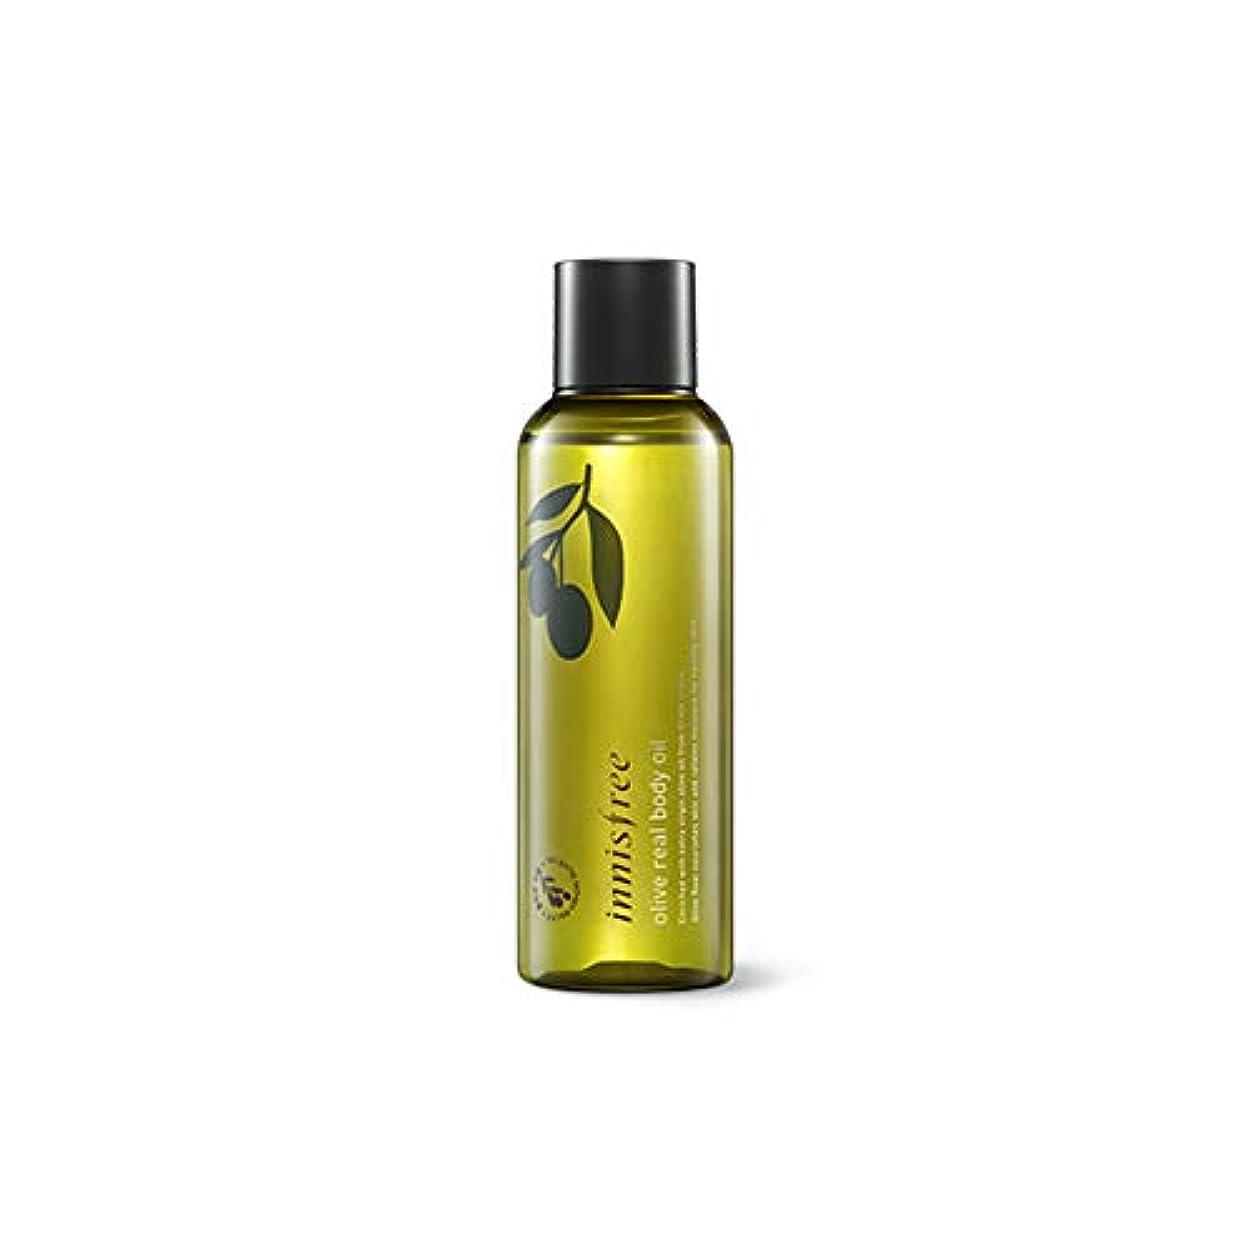 オペラバック機知に富んだイニスフリー Innisfree オリーブリアルボディーオイル(150ml) Innisfree Olive Real Body Oil(150ml) [海外直送品]